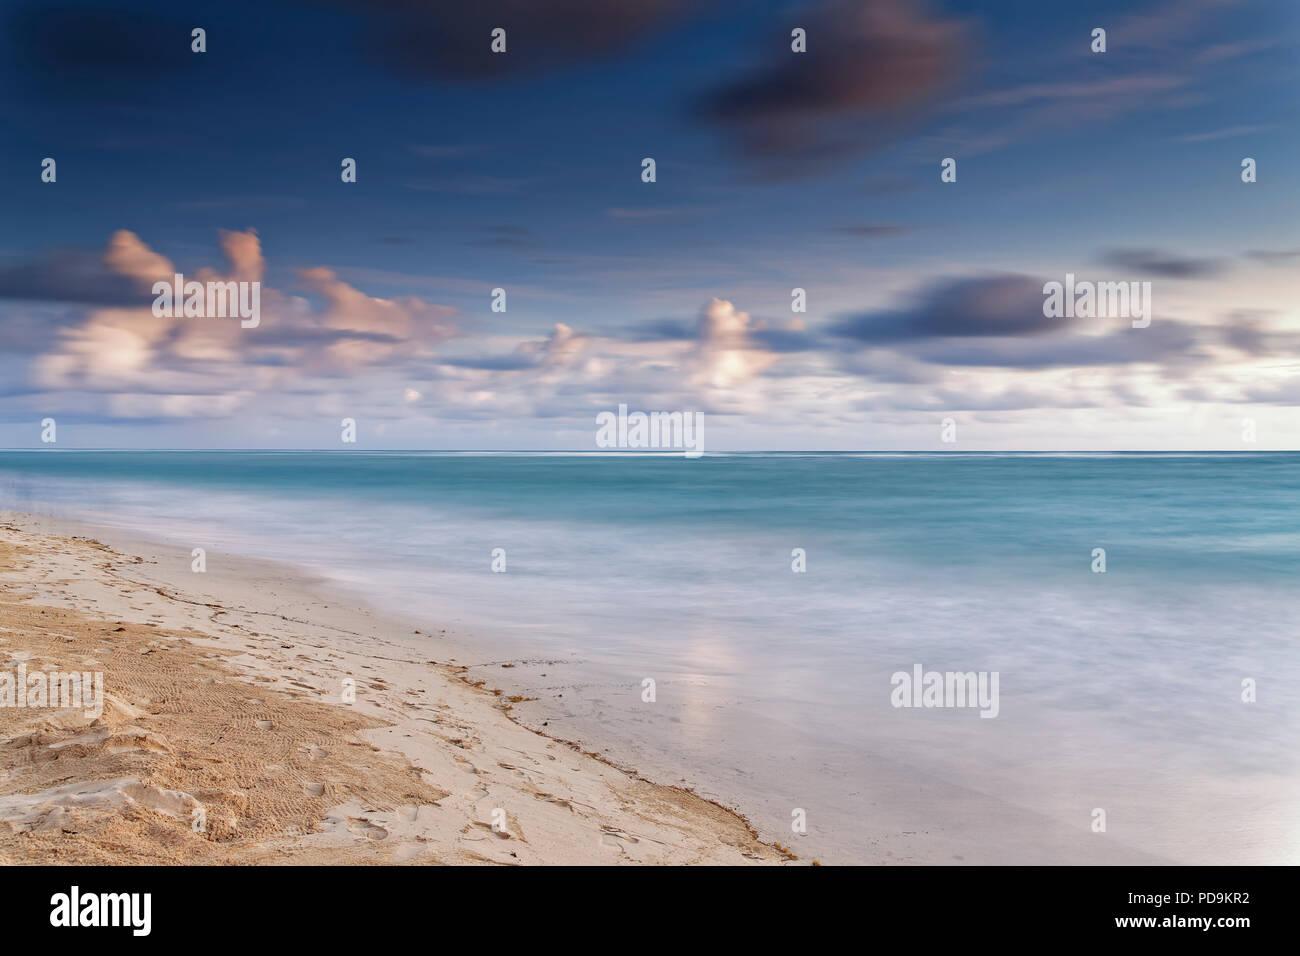 Playa de arena, mar, con el cielo nublado, Playa Bavaro, Océano Atlántico, Punta Cana, República Dominicana Imagen De Stock